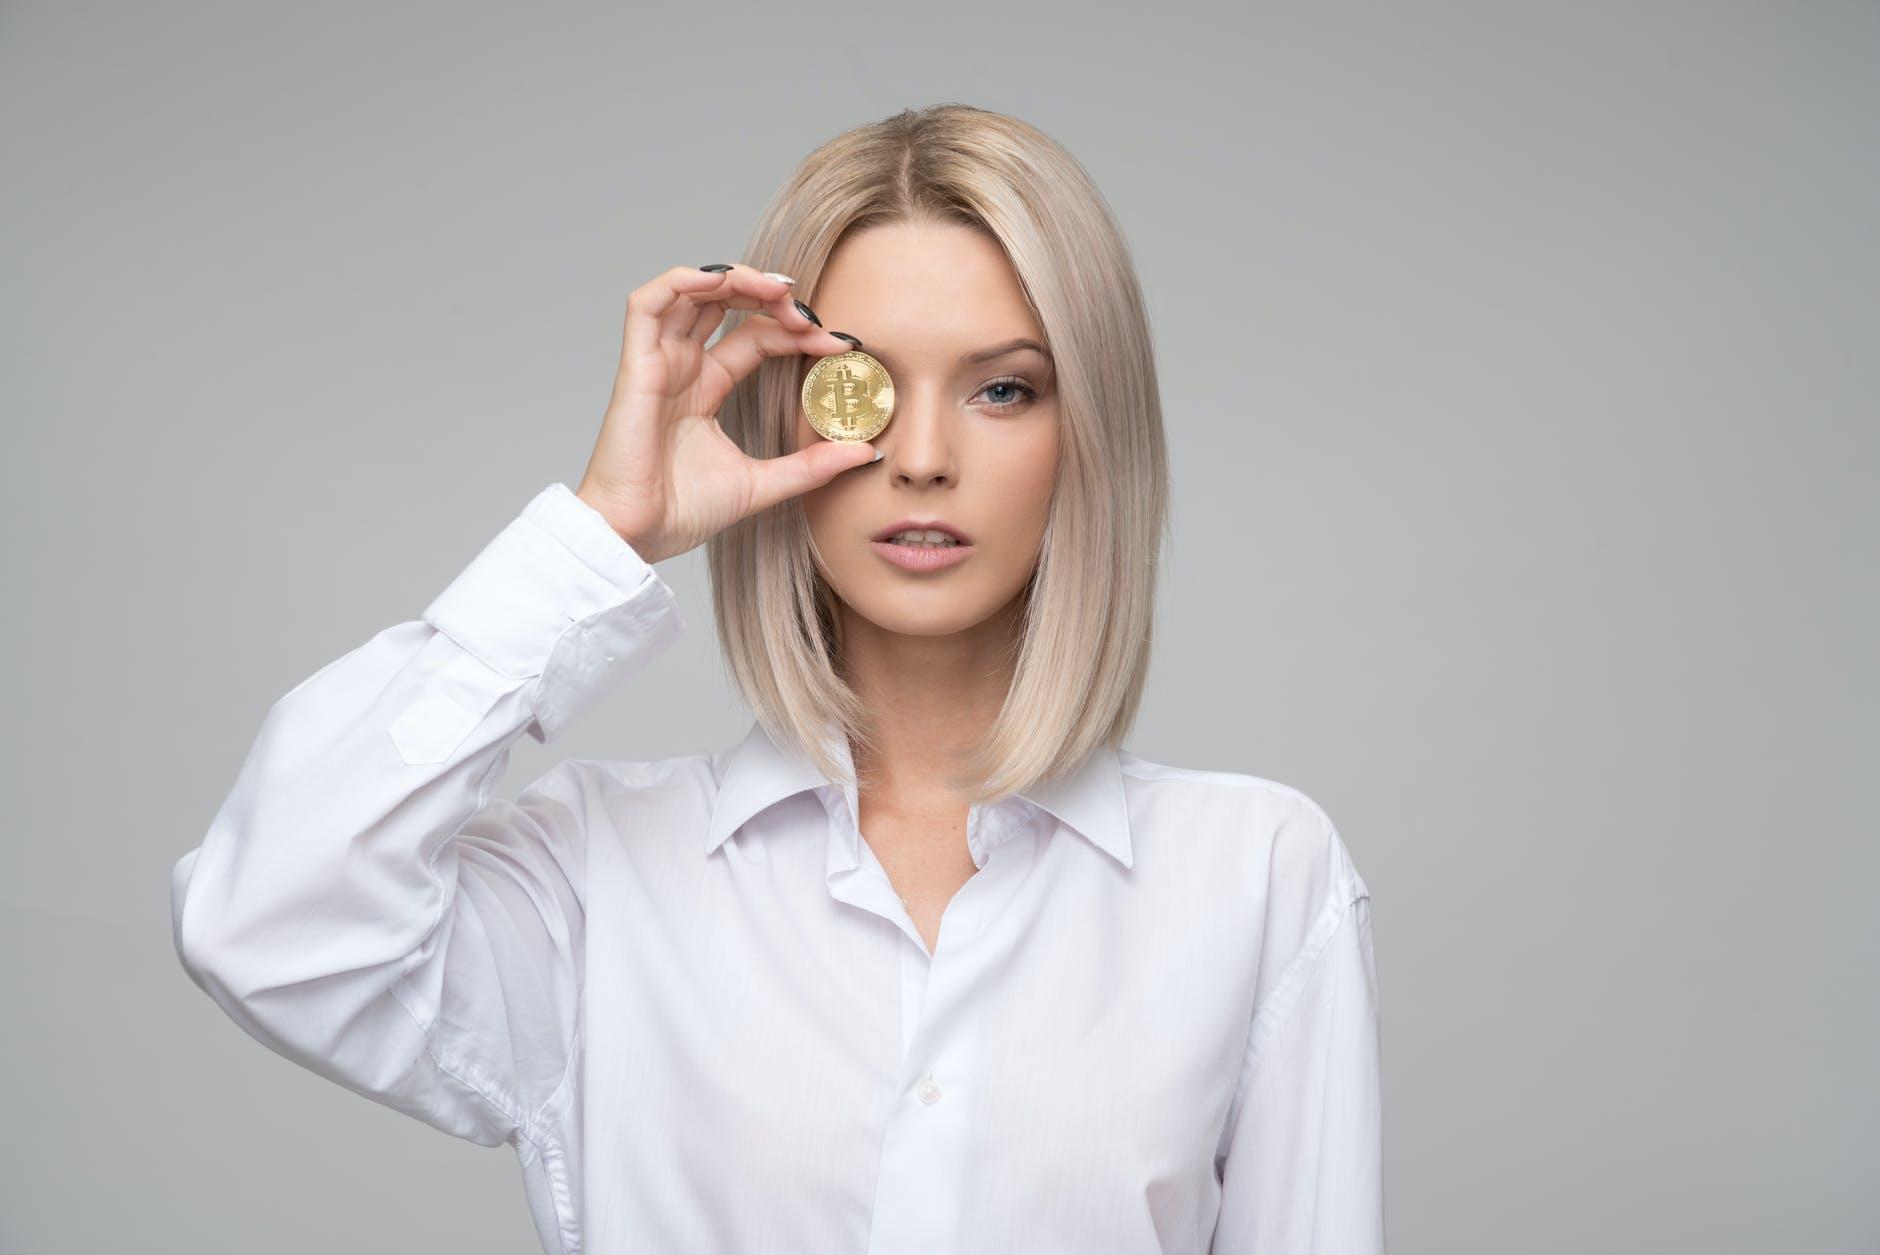 Teama de a avea bani